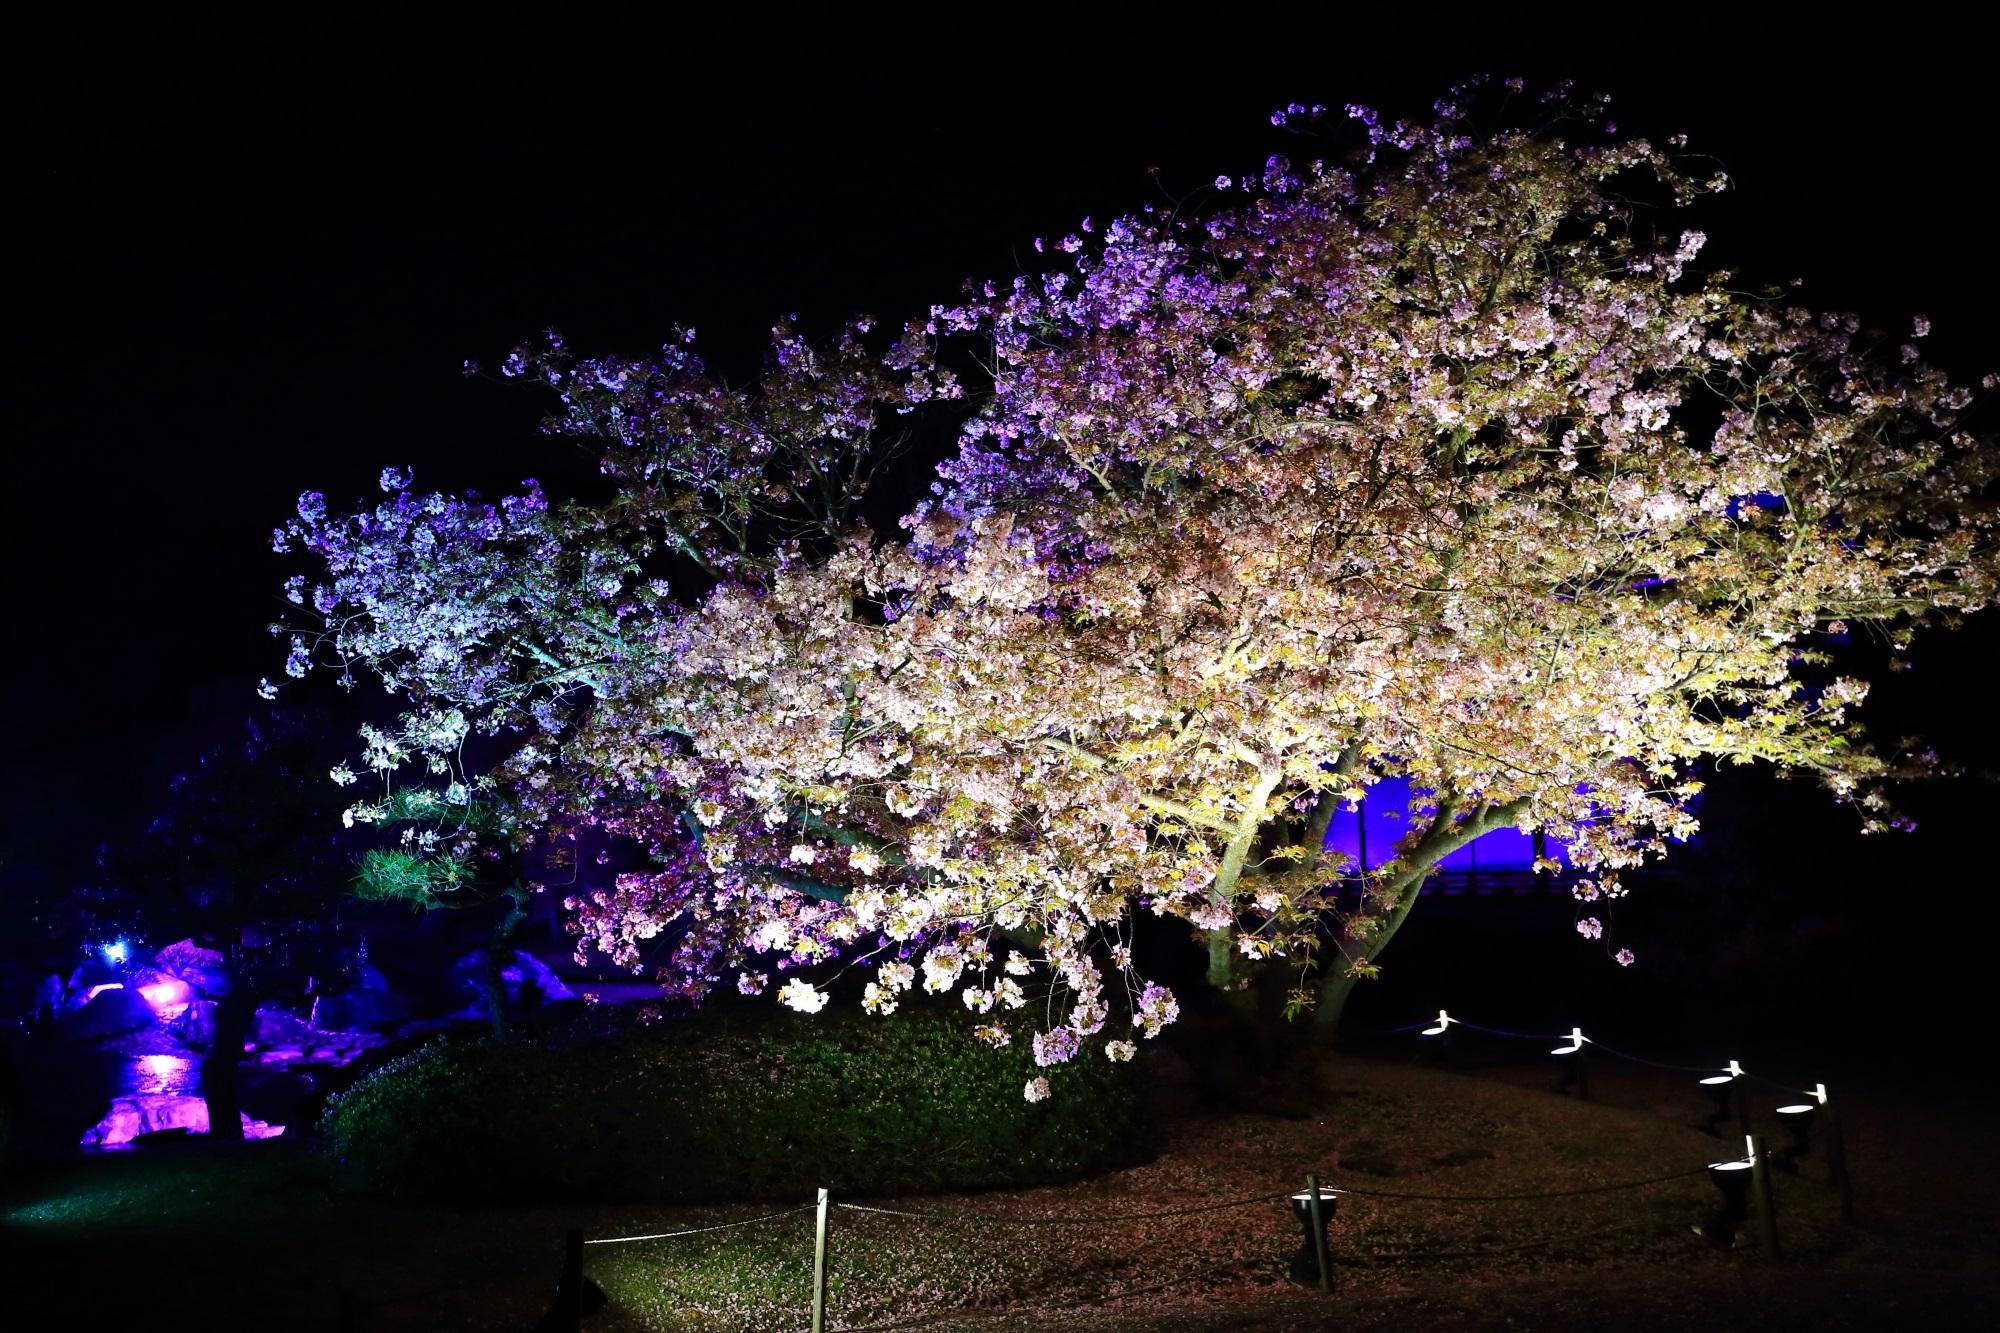 幻想的な光に照らされ浮かび上がる夜桜